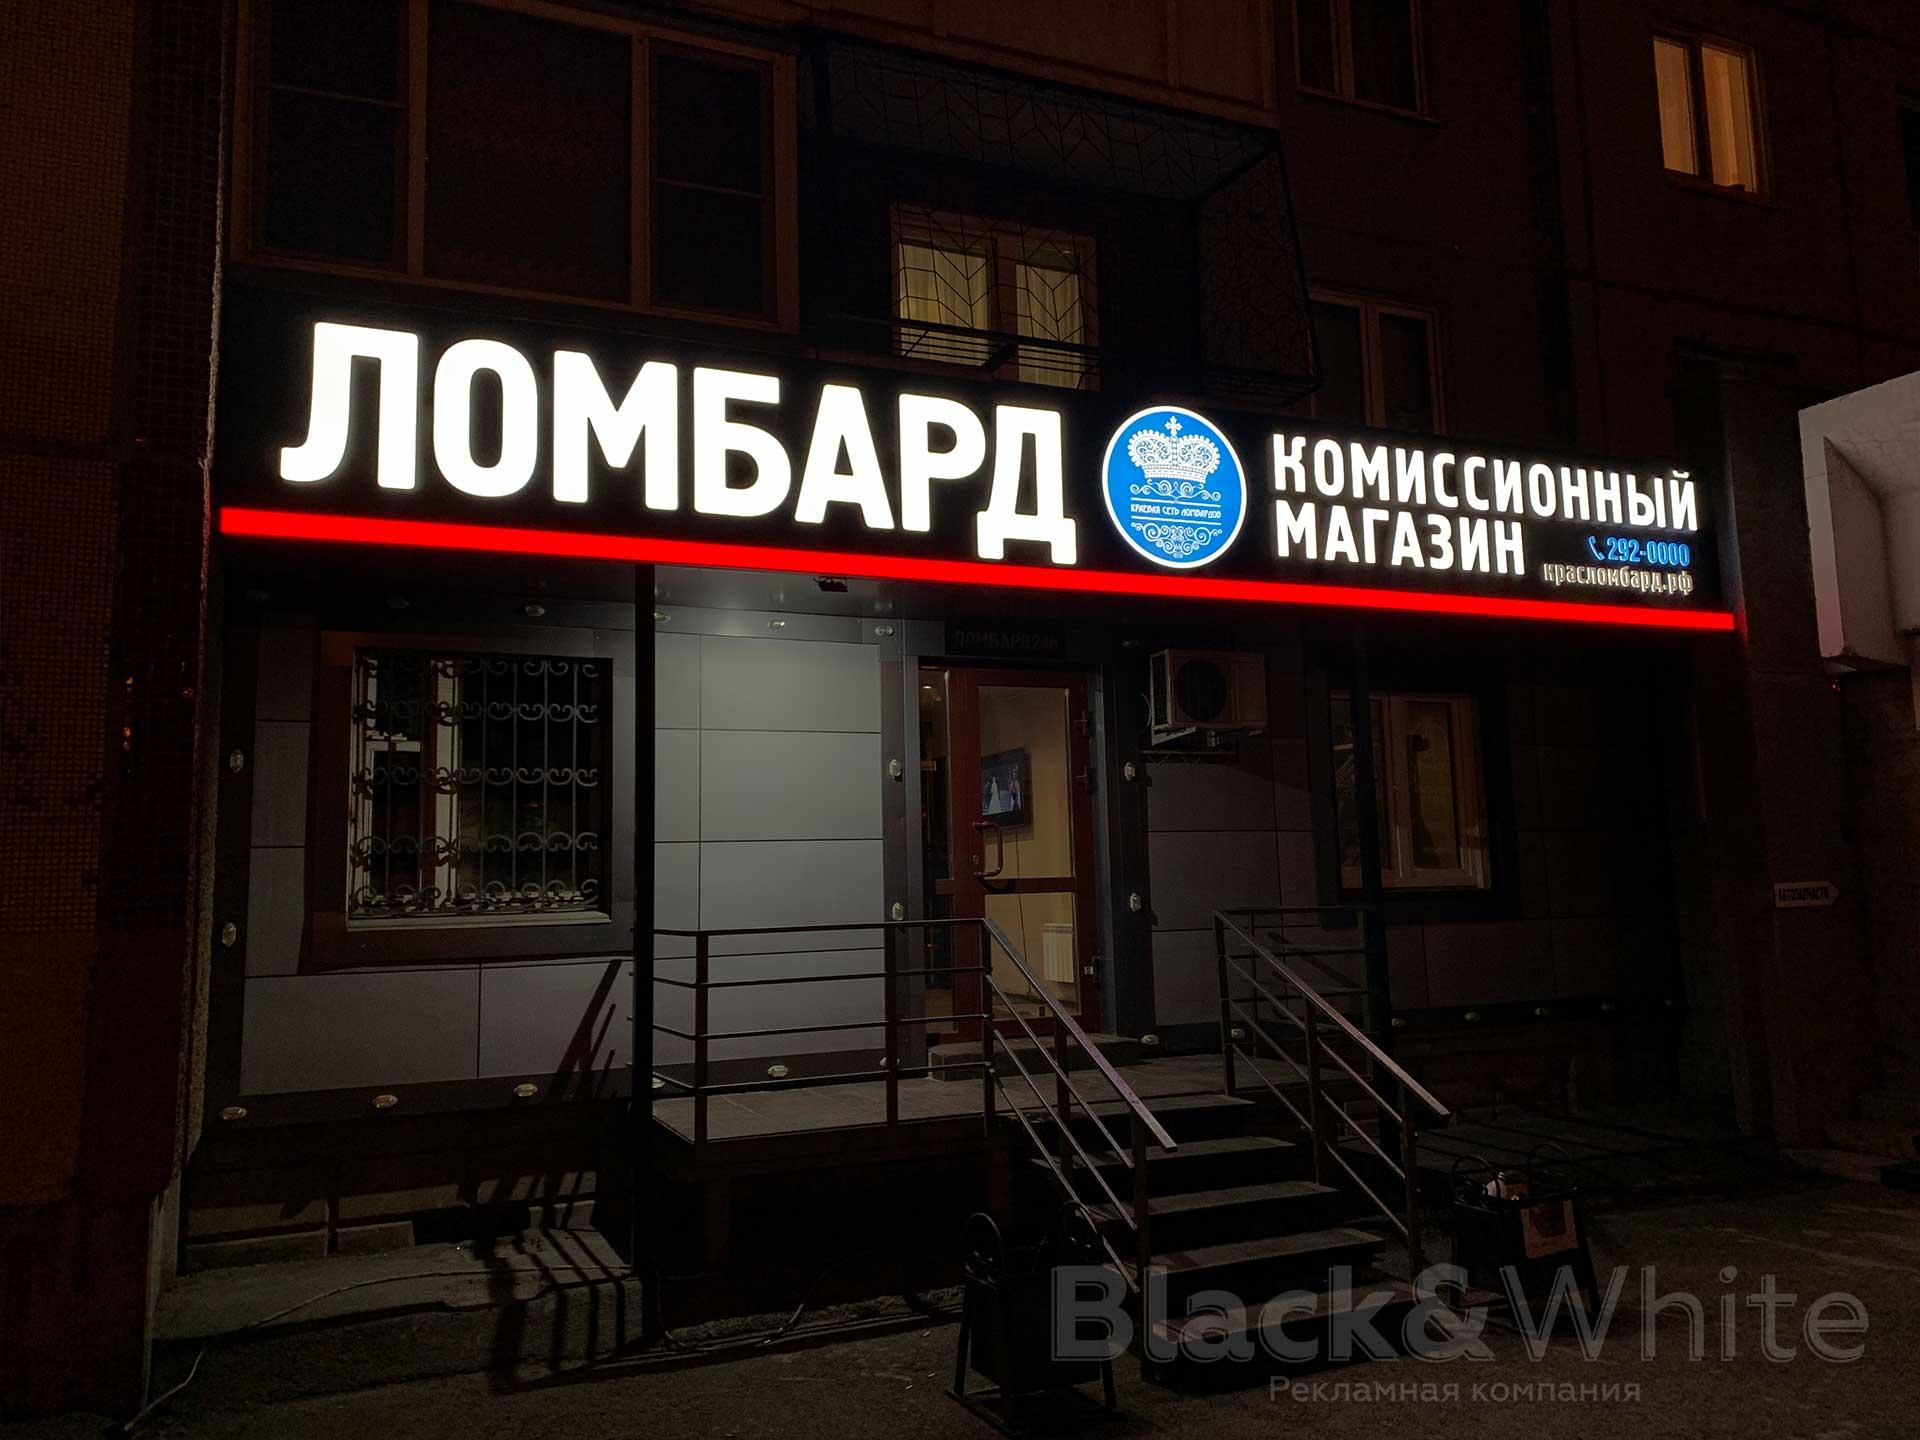 Световая-вывеска-для-ломбарда-с-световыми-объёмными-буквами-в-Красноярске-Black&White.jpg